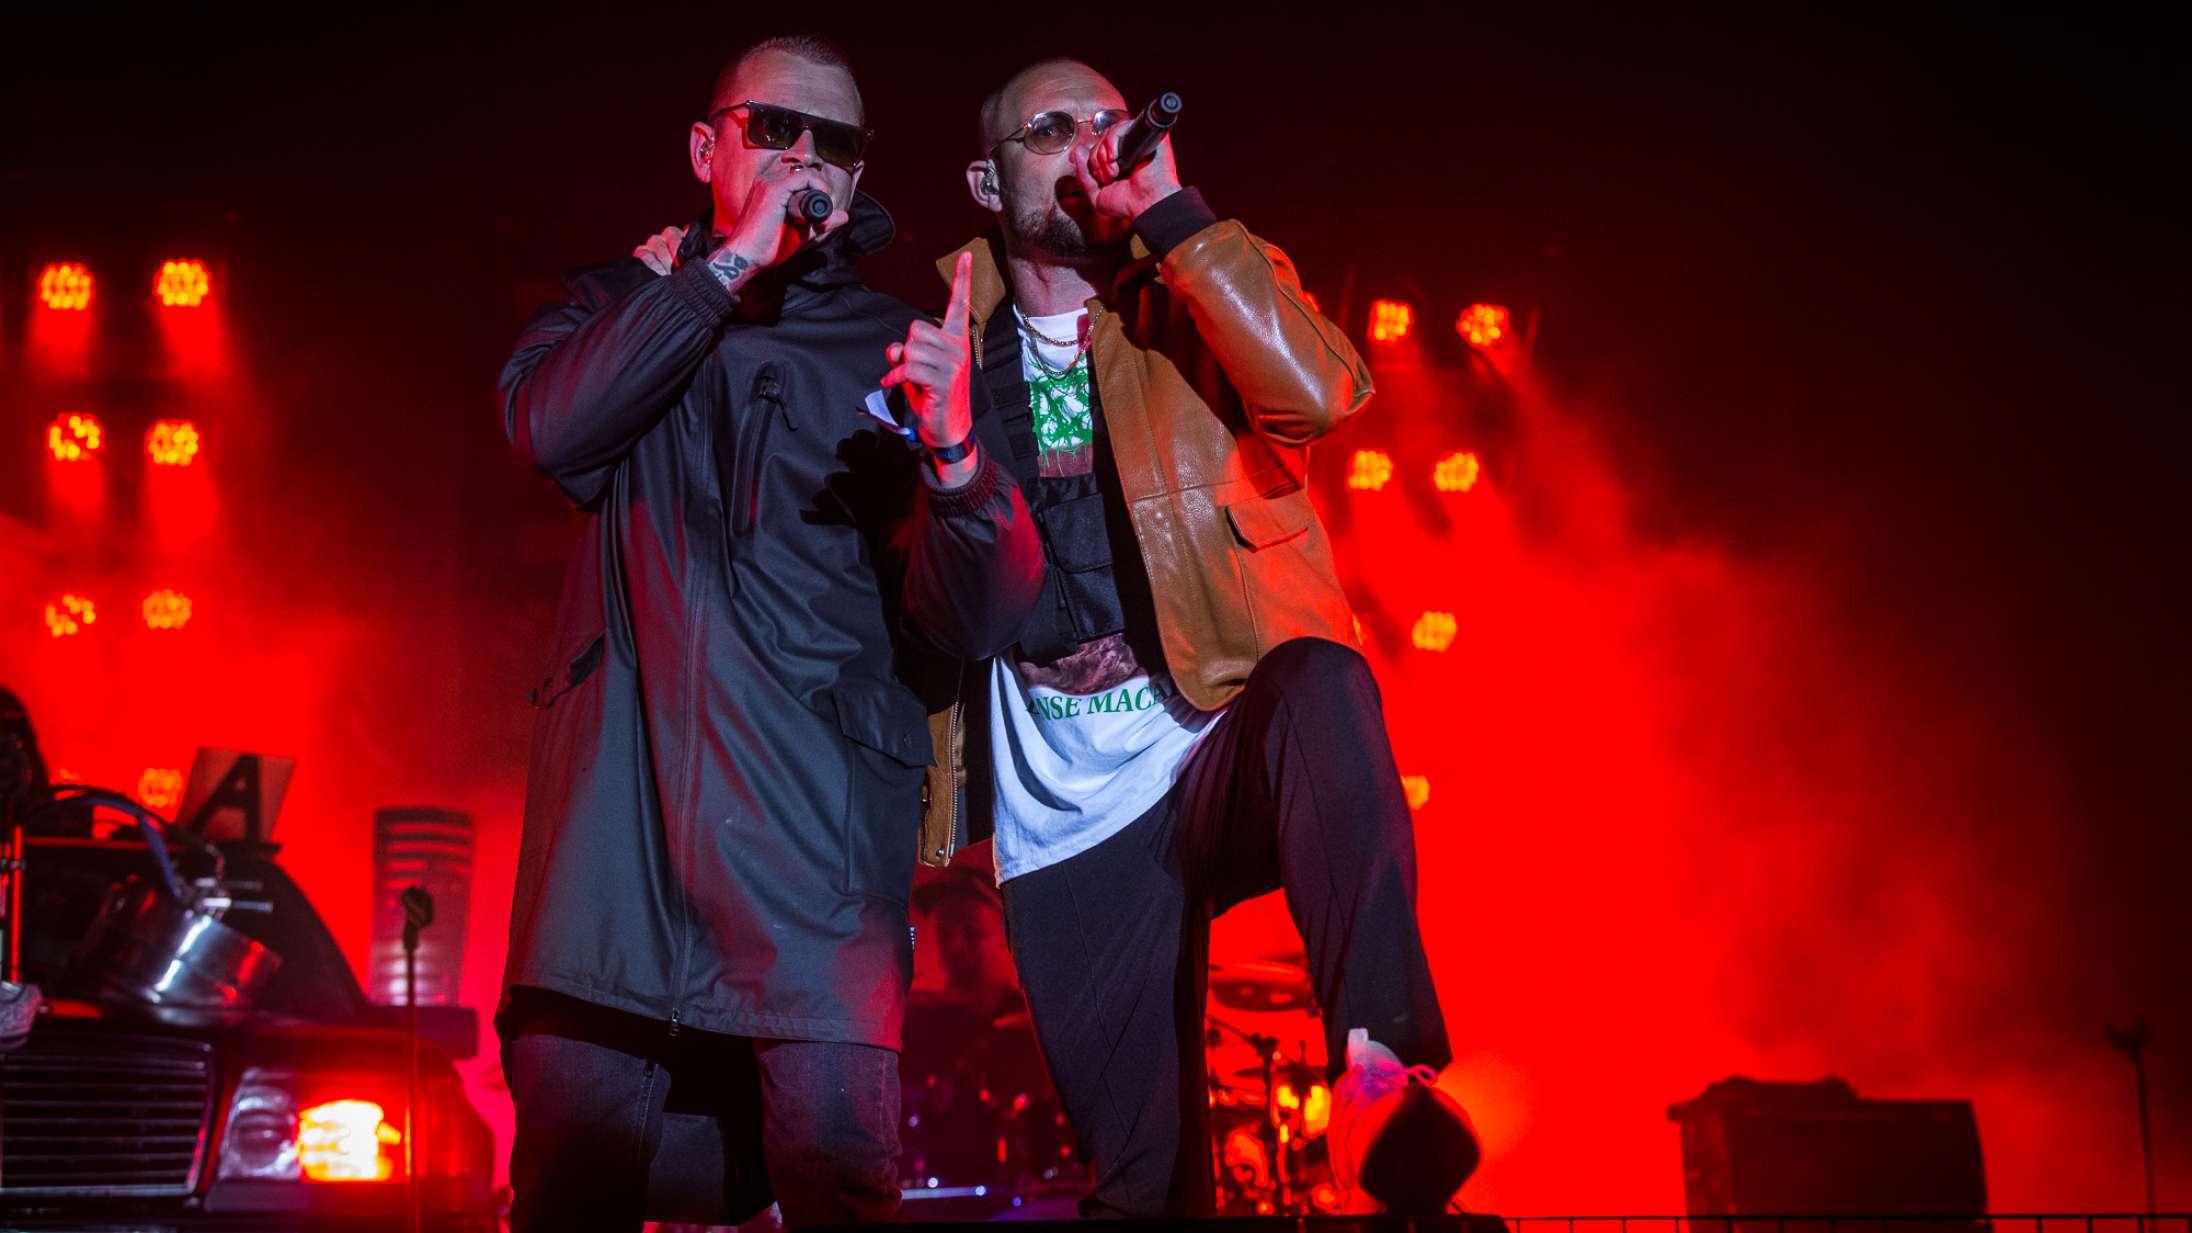 Smukfest afslører ny musikpakke med blandt andre Suspekt